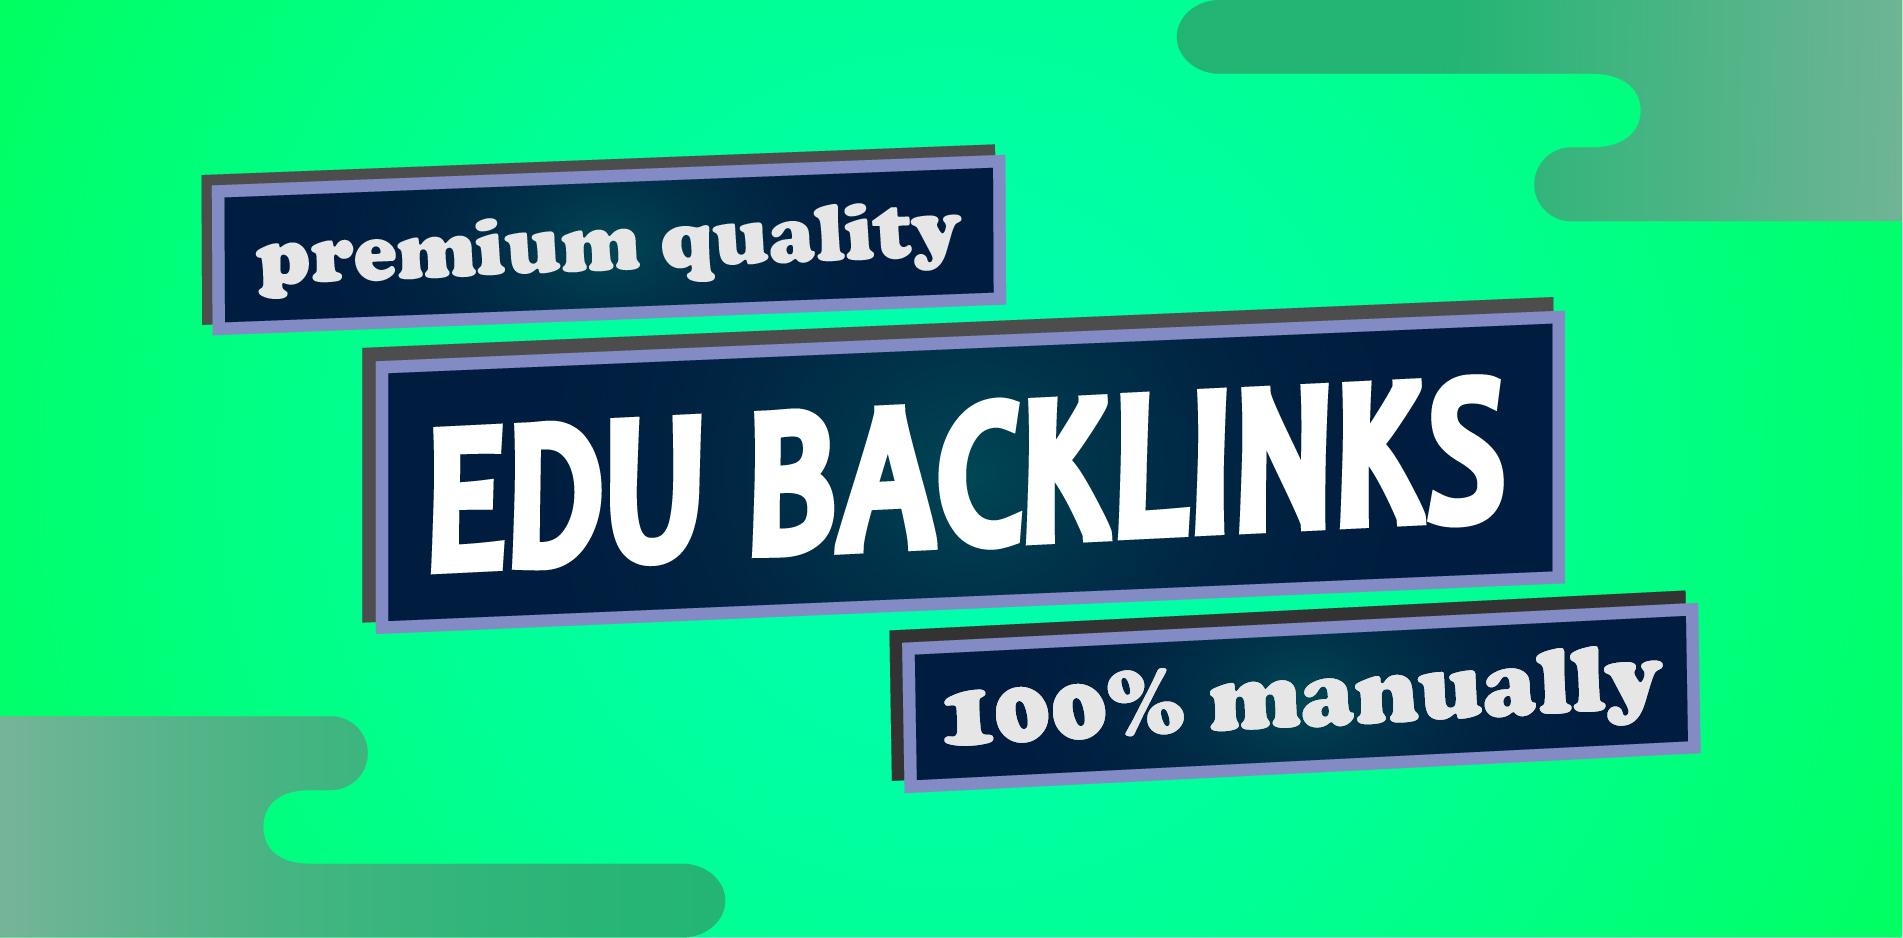 10 edu backlinks build manually on high DA site